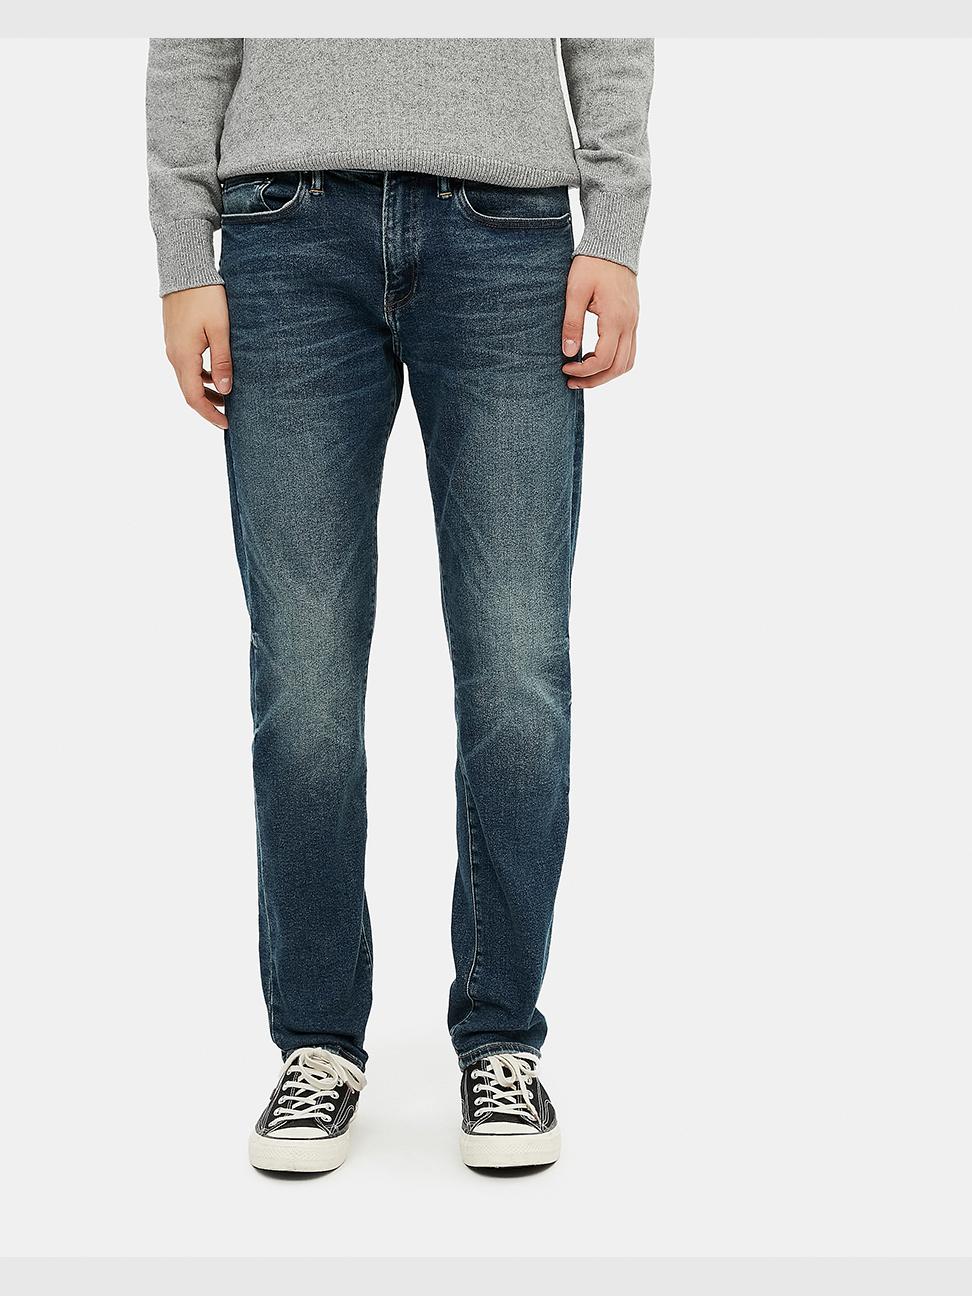 男裝 時尚中腰貓須紋五袋牛仔褲